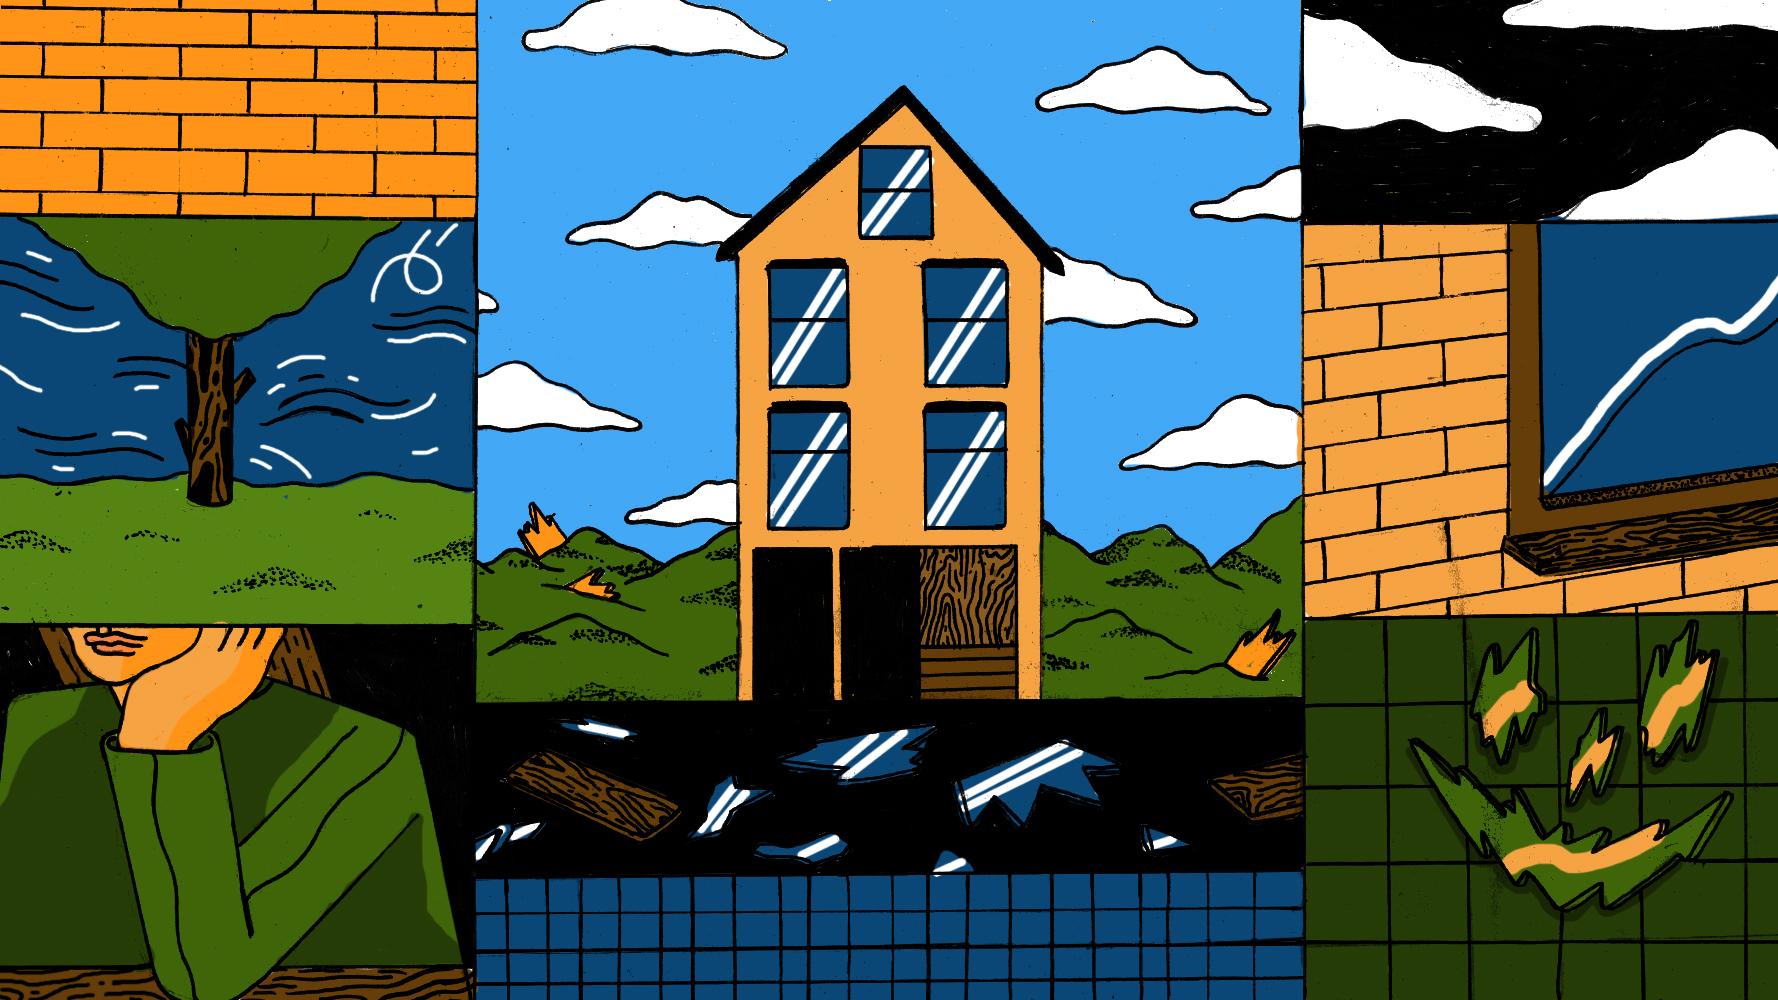 Vers Beton – Elzeline Kooy – Bloklandstraat